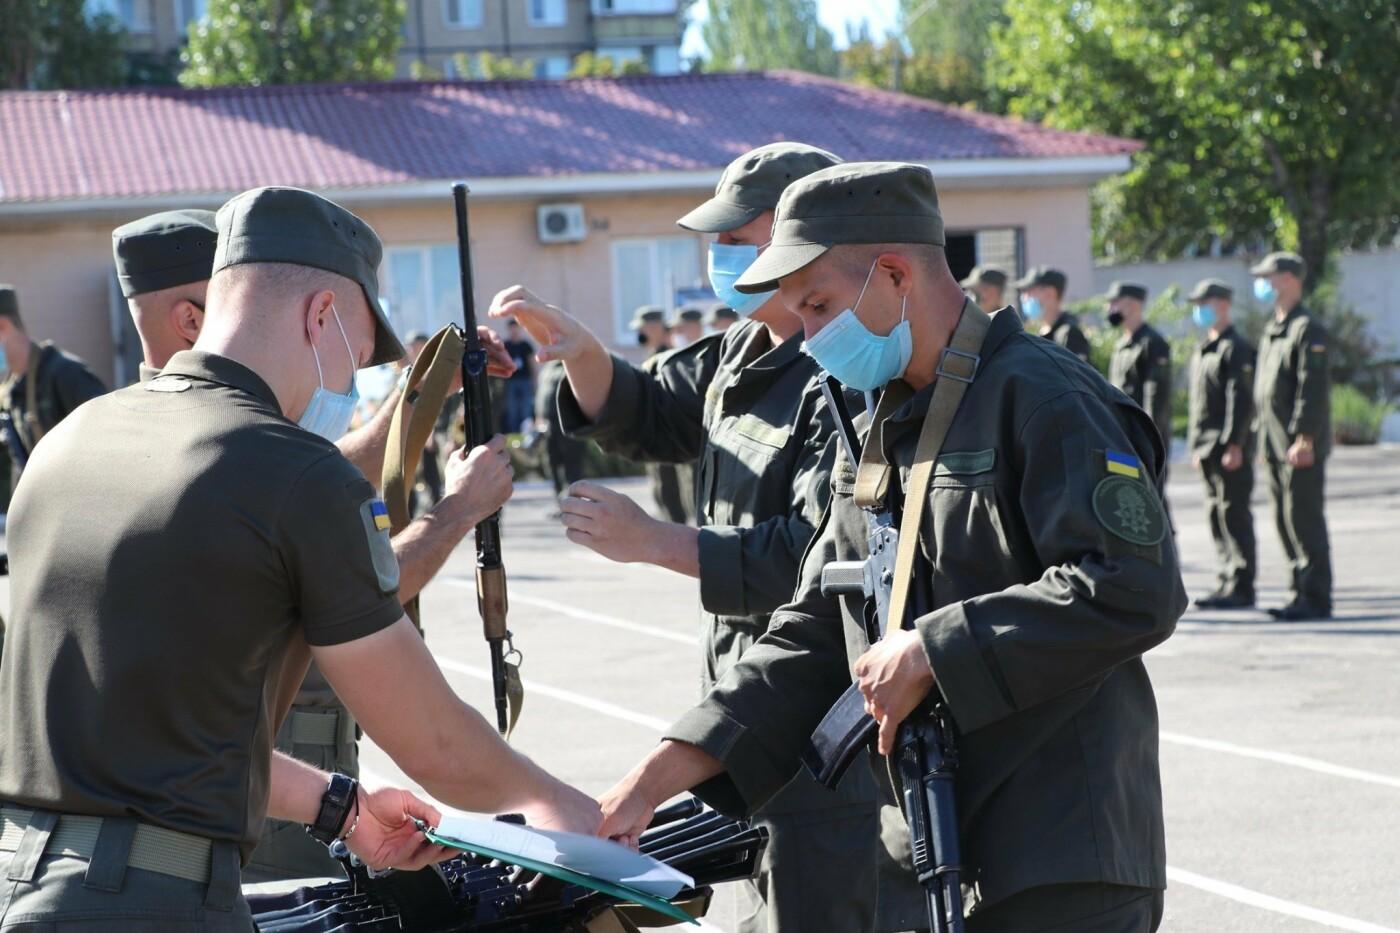 В Криворожской бригаде Нацгвардии новобранцы получили боевое оружие, - ФОТО, фото-1